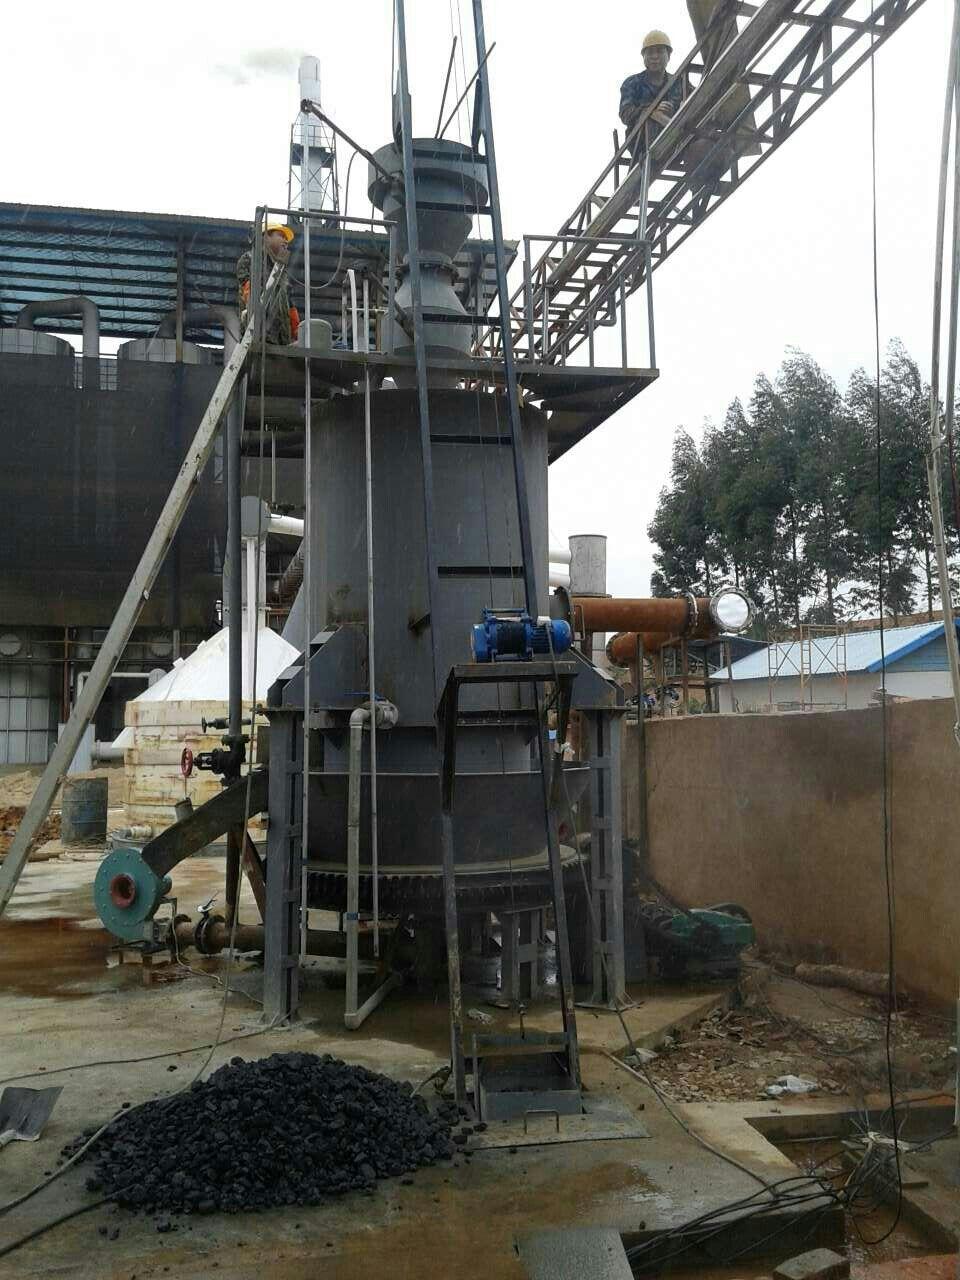 郑州煤气发作炉(HM1300-3200) 常压固定床煤气发生炉